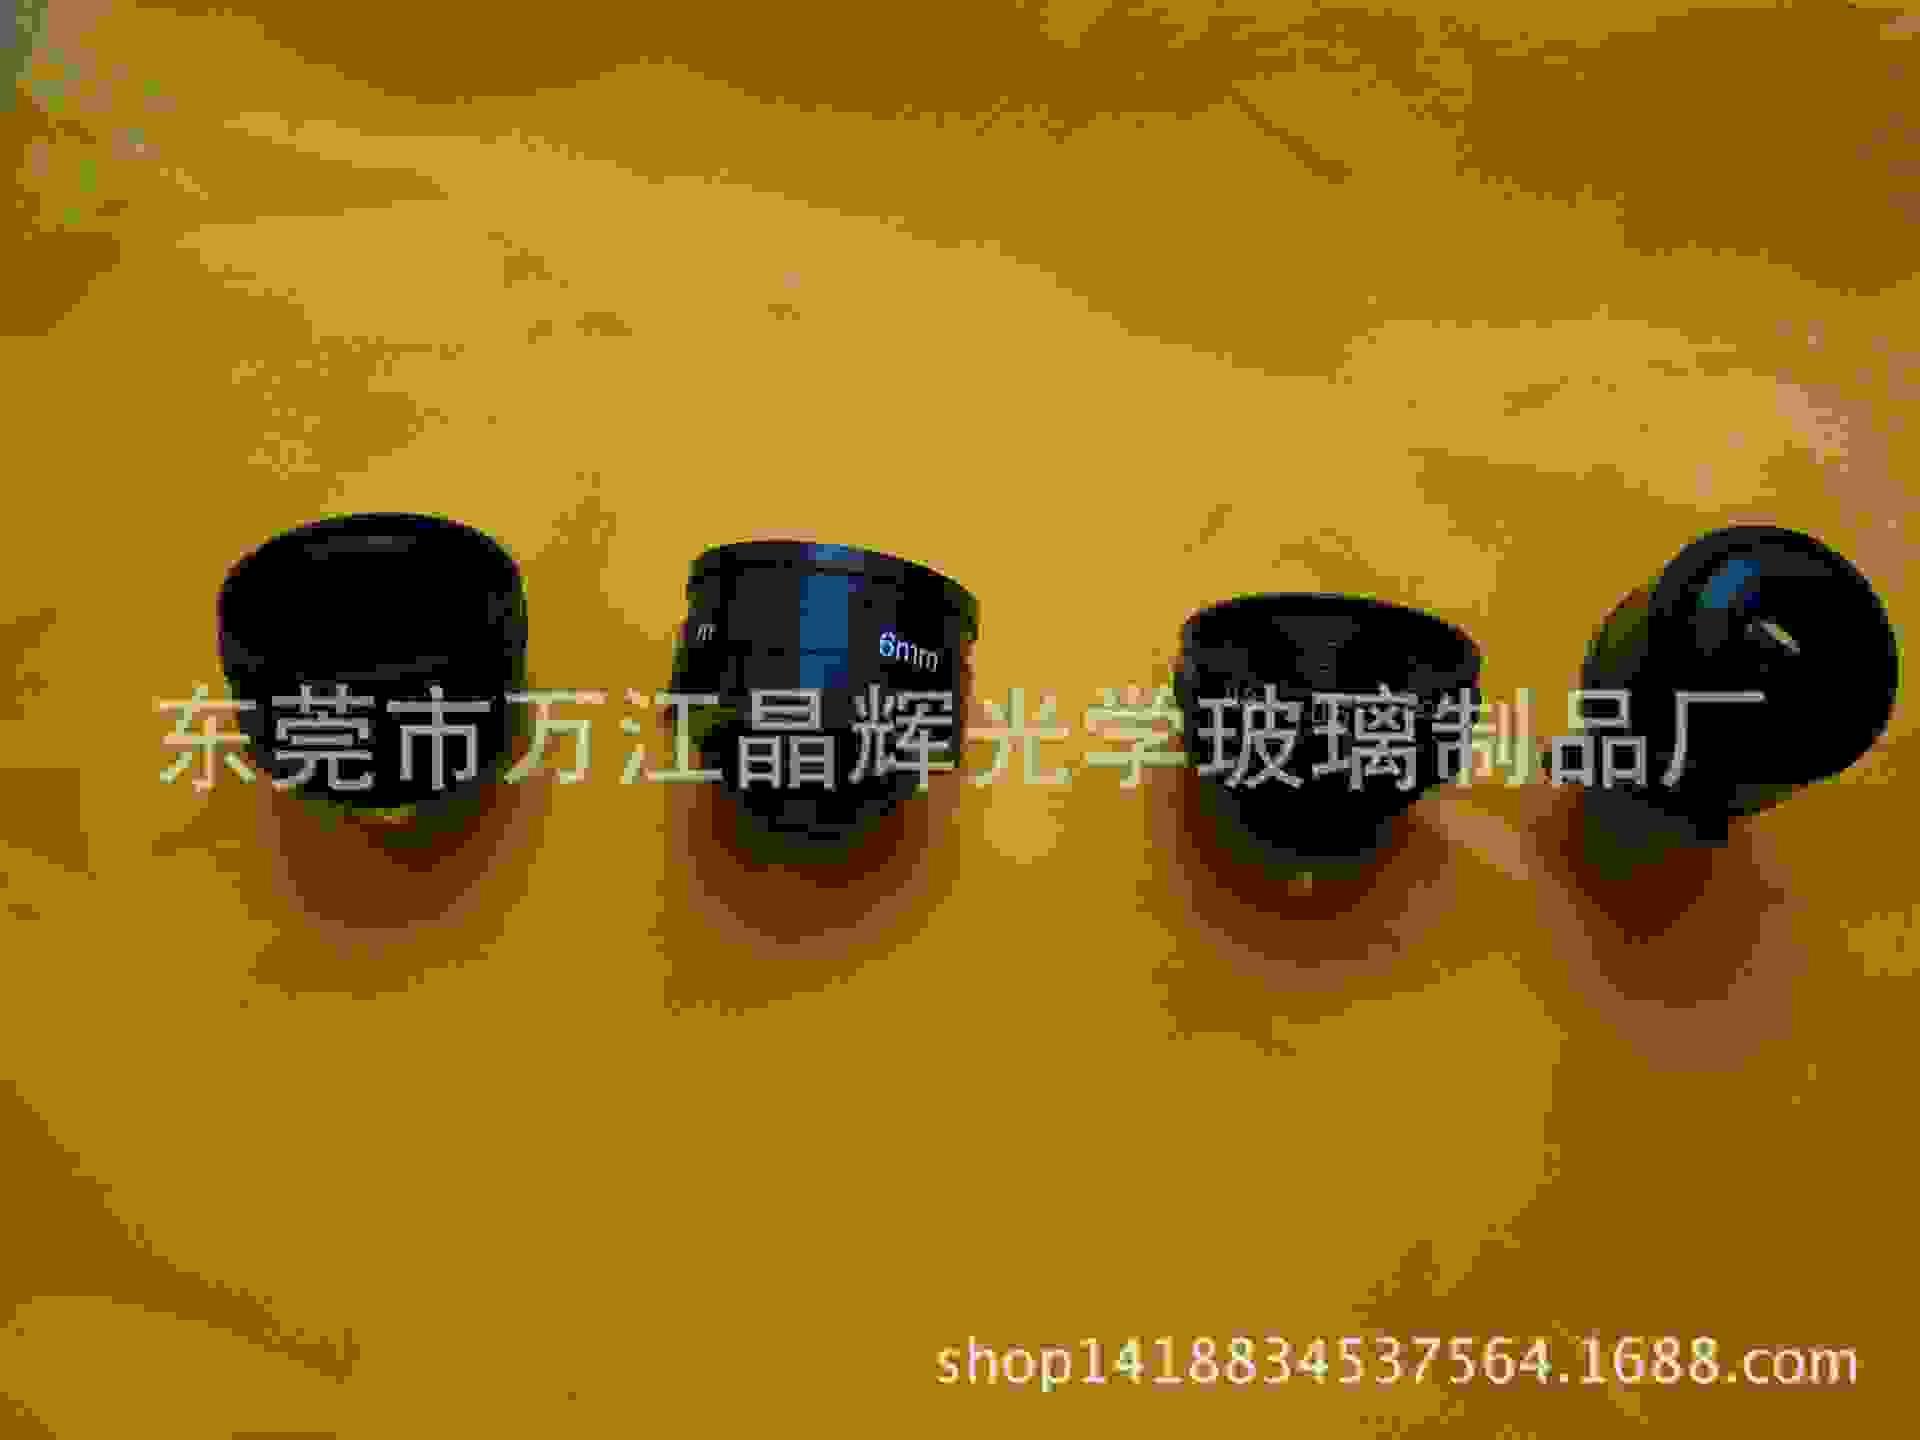 实验仪器装置 仪器仪表加工 气象仪器 东莞市万江晶辉光学玻璃制品厂